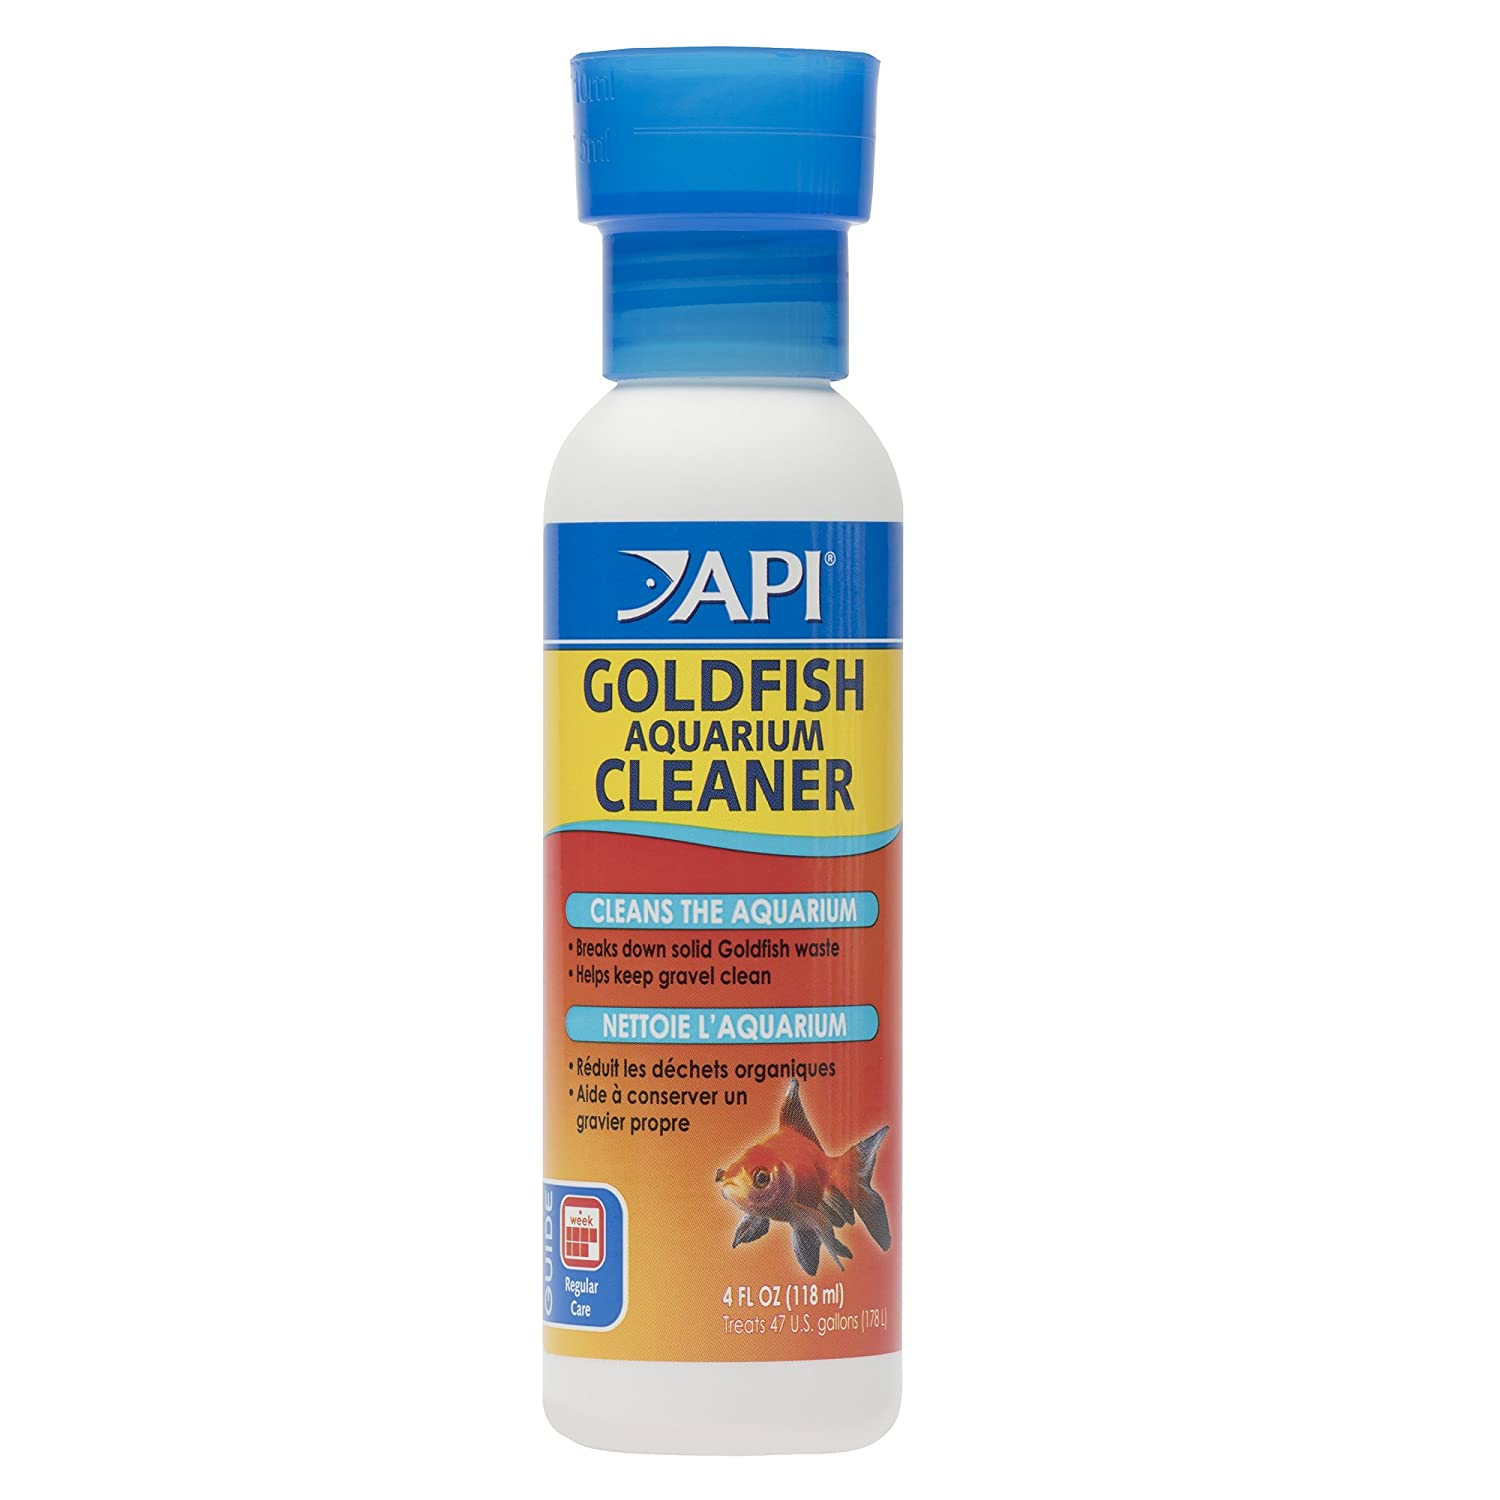 API GOLDFISH AQUARIUM CLEANER Aquarium Cleaner 4-Ounce Bottle 48B